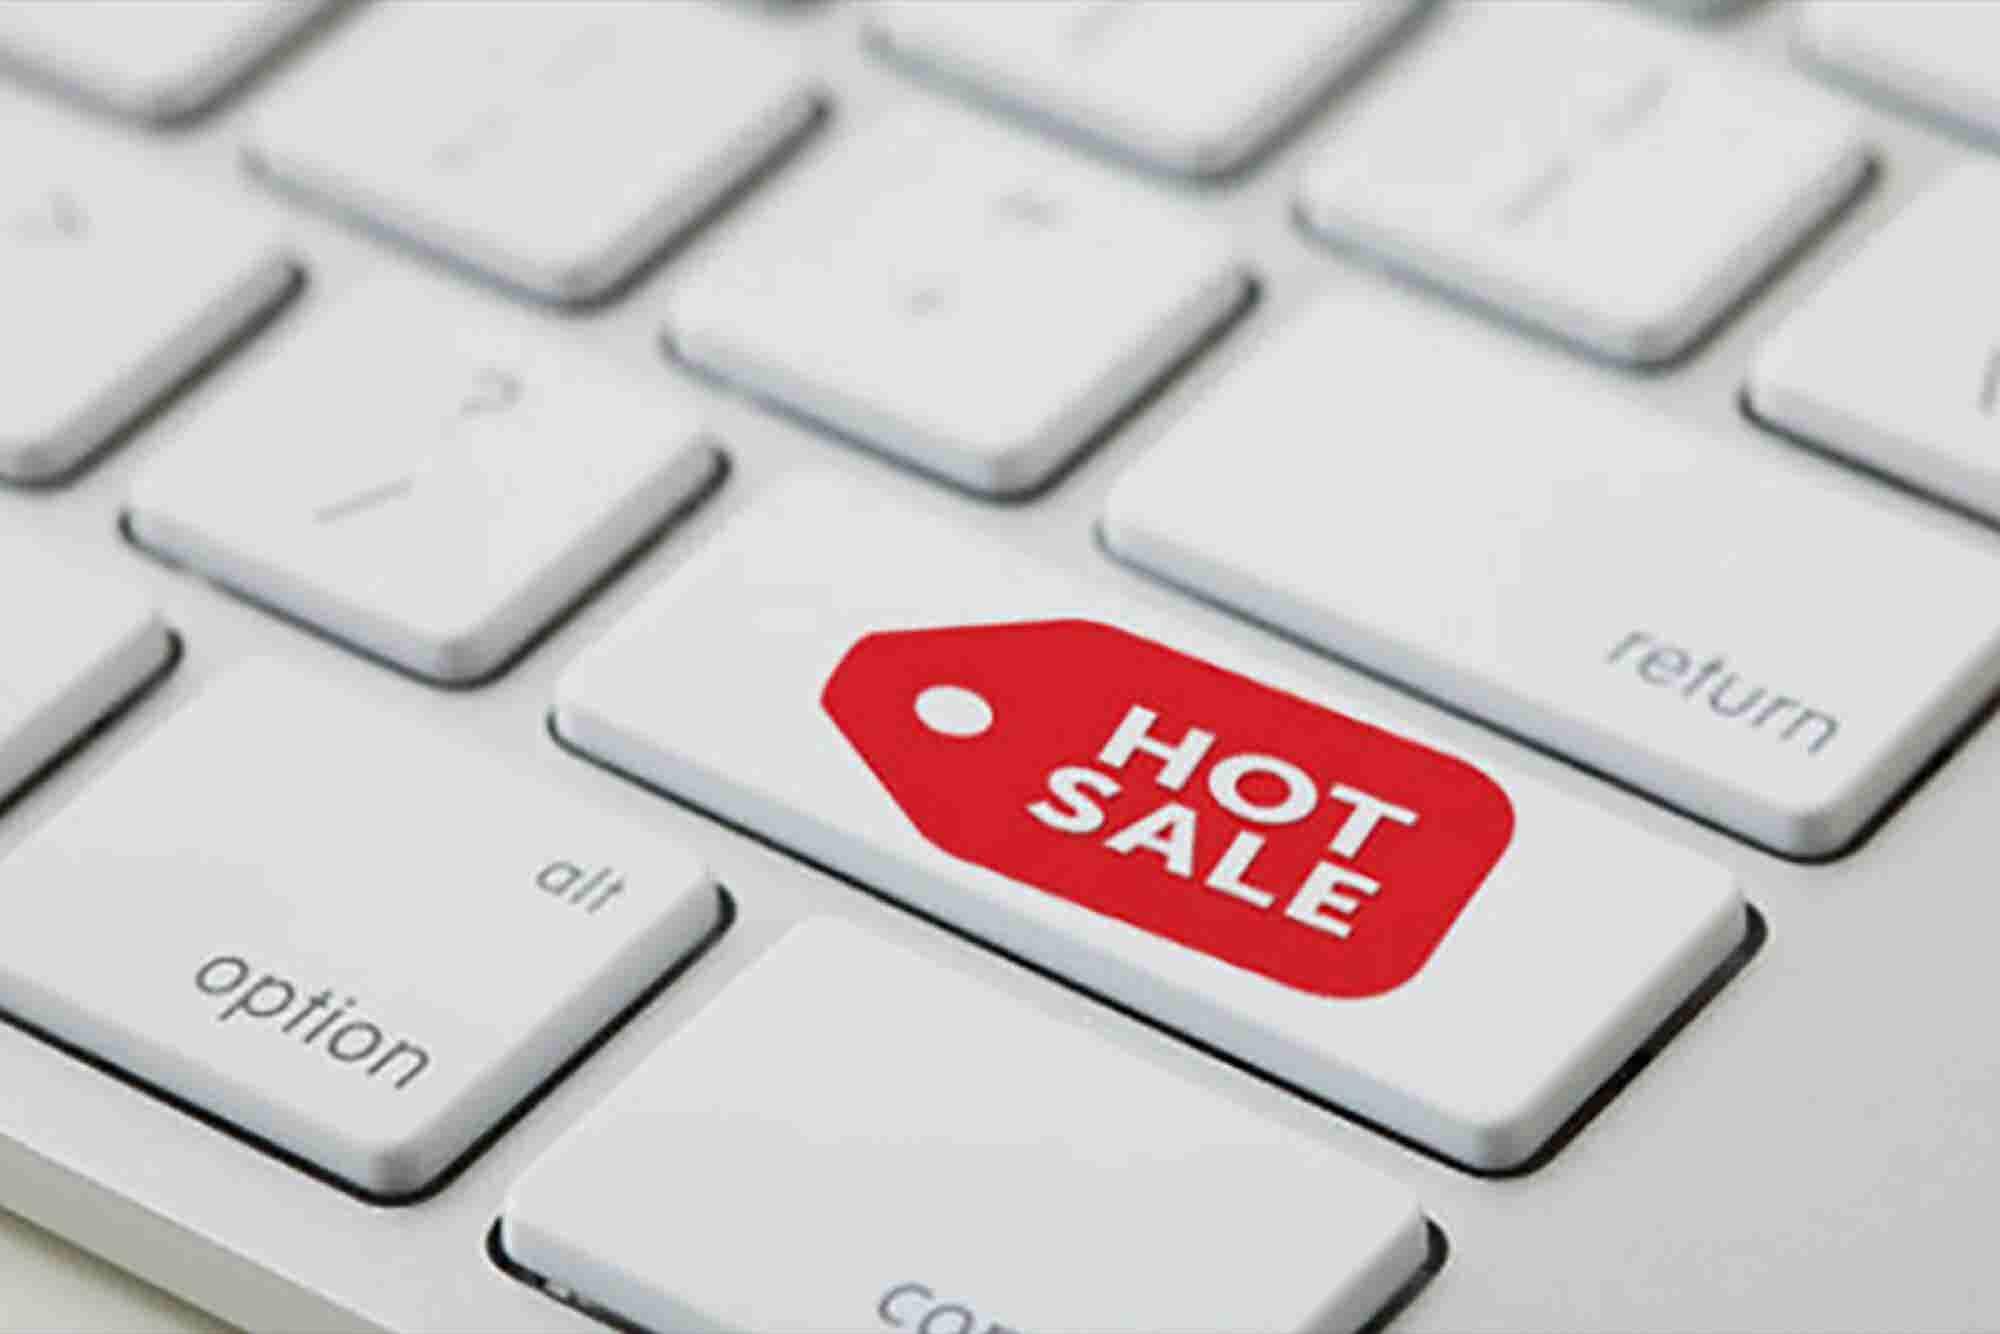 Invitan al HotSale, el gran día de ventas online